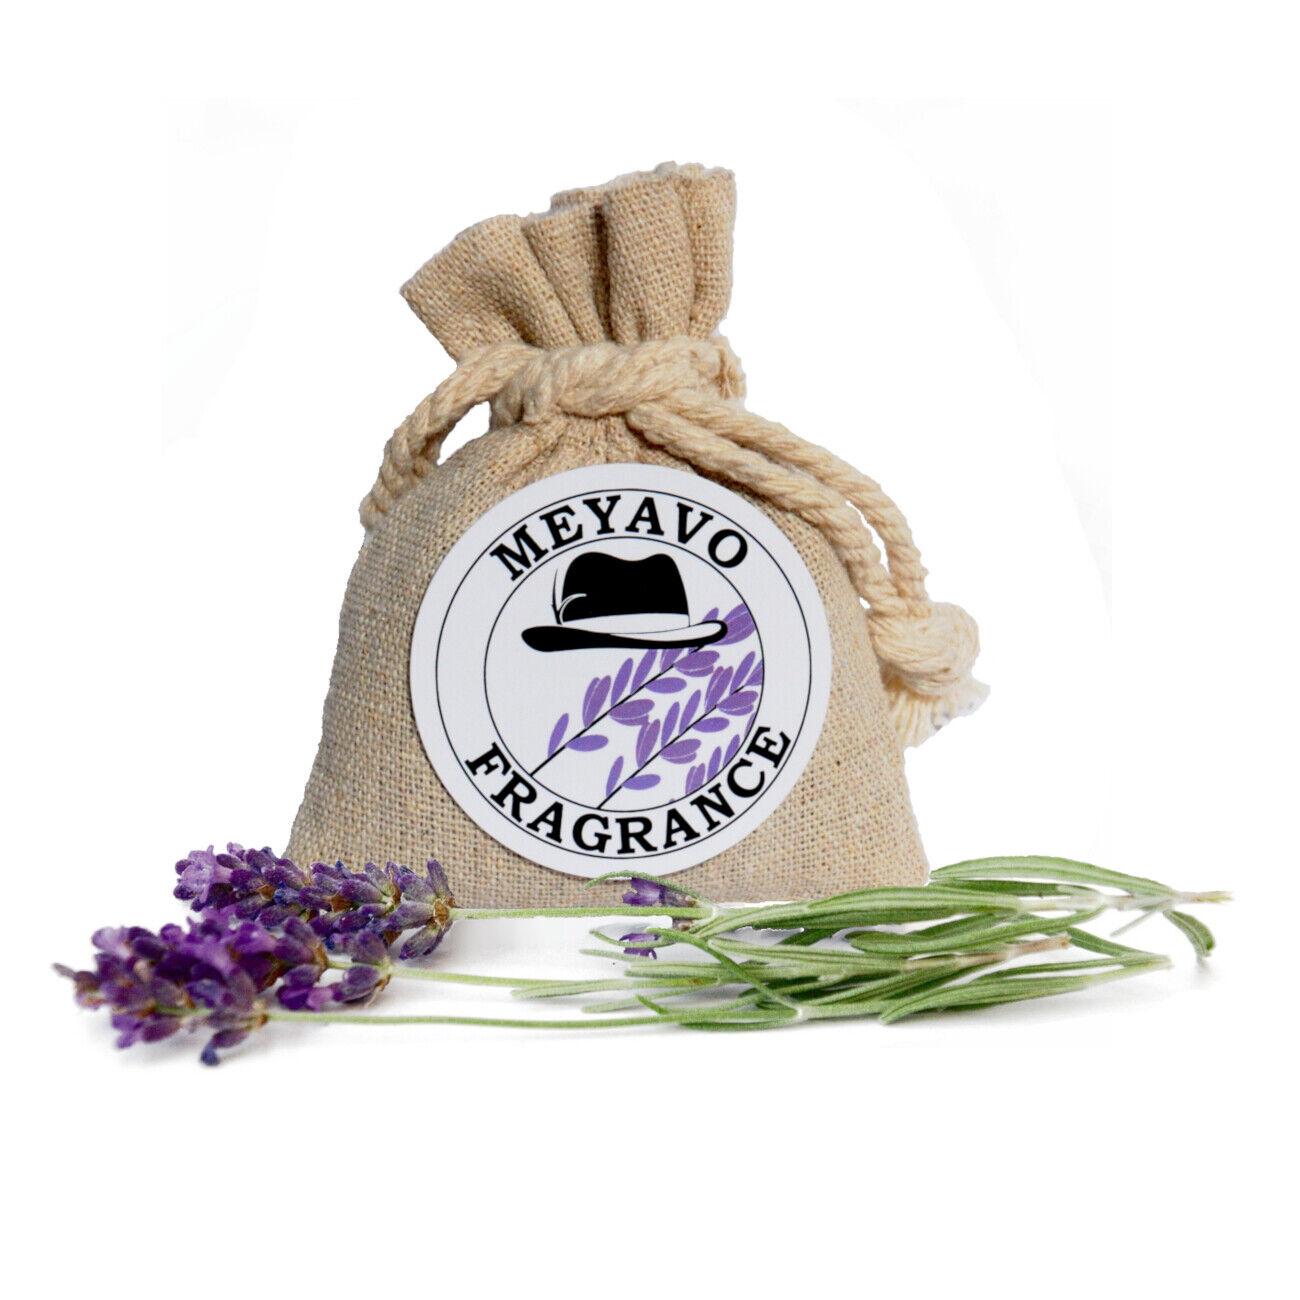 5 Duftsäckchen Lavendelsäckchen Leinen Natur pur Gastgeschenk Schrankduft MEYAVO